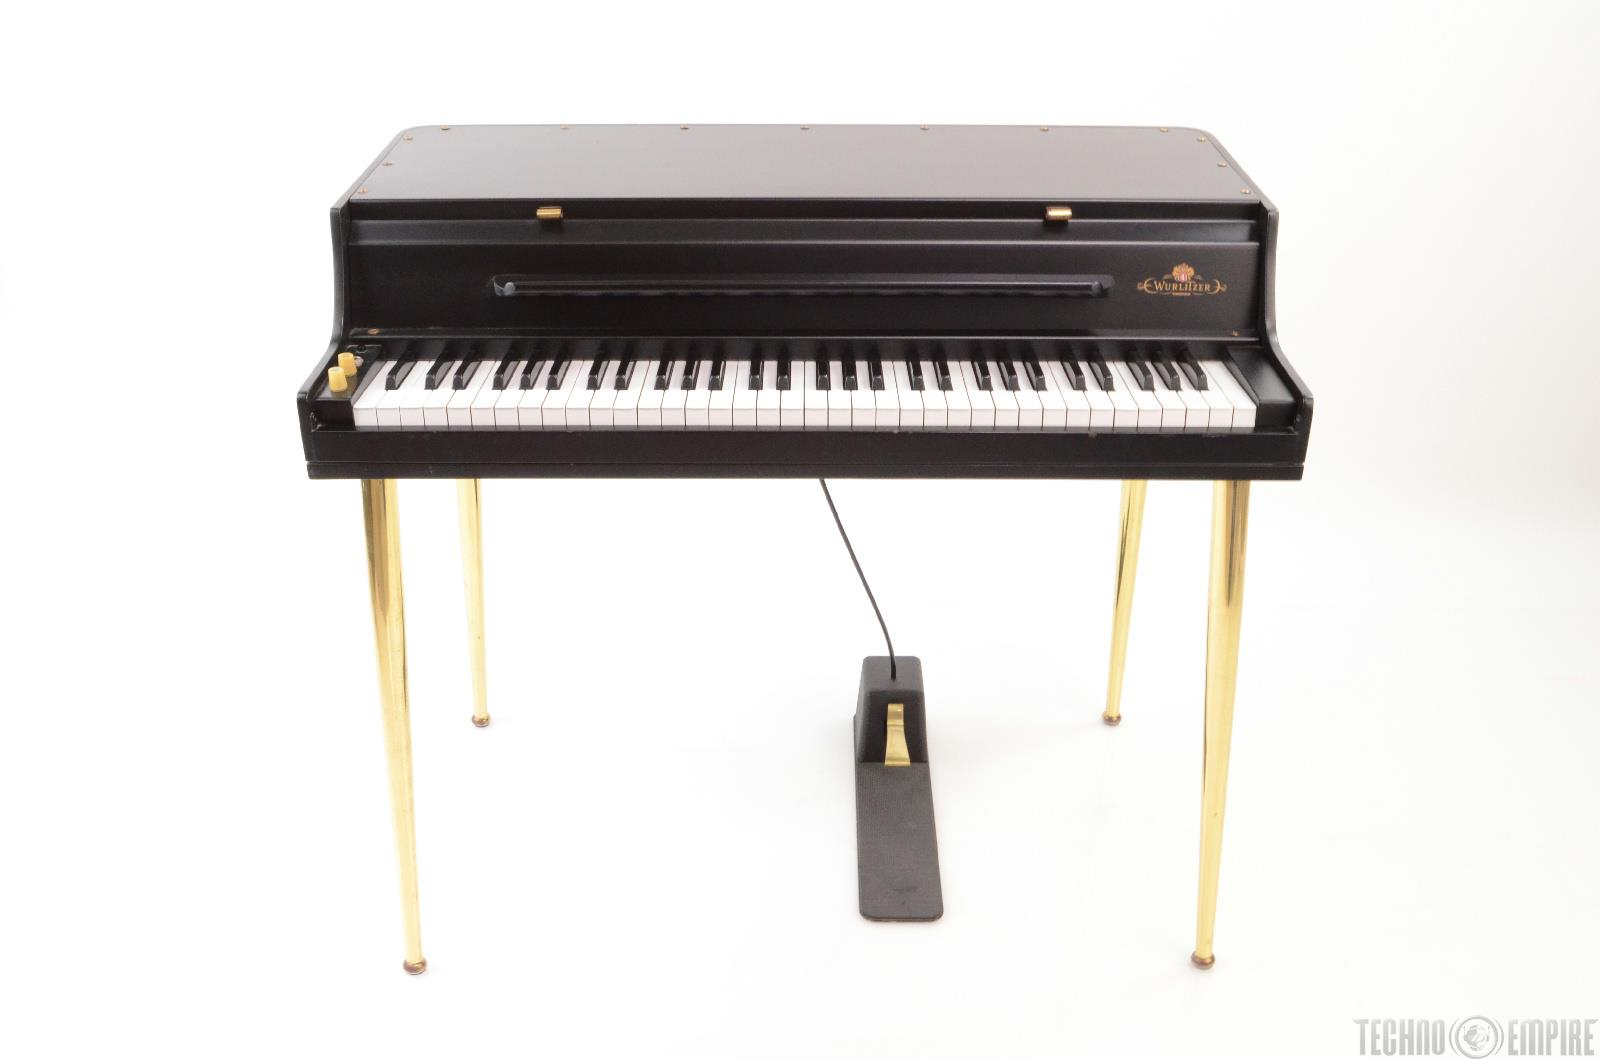 Vintage Wurlitzer Piano 90